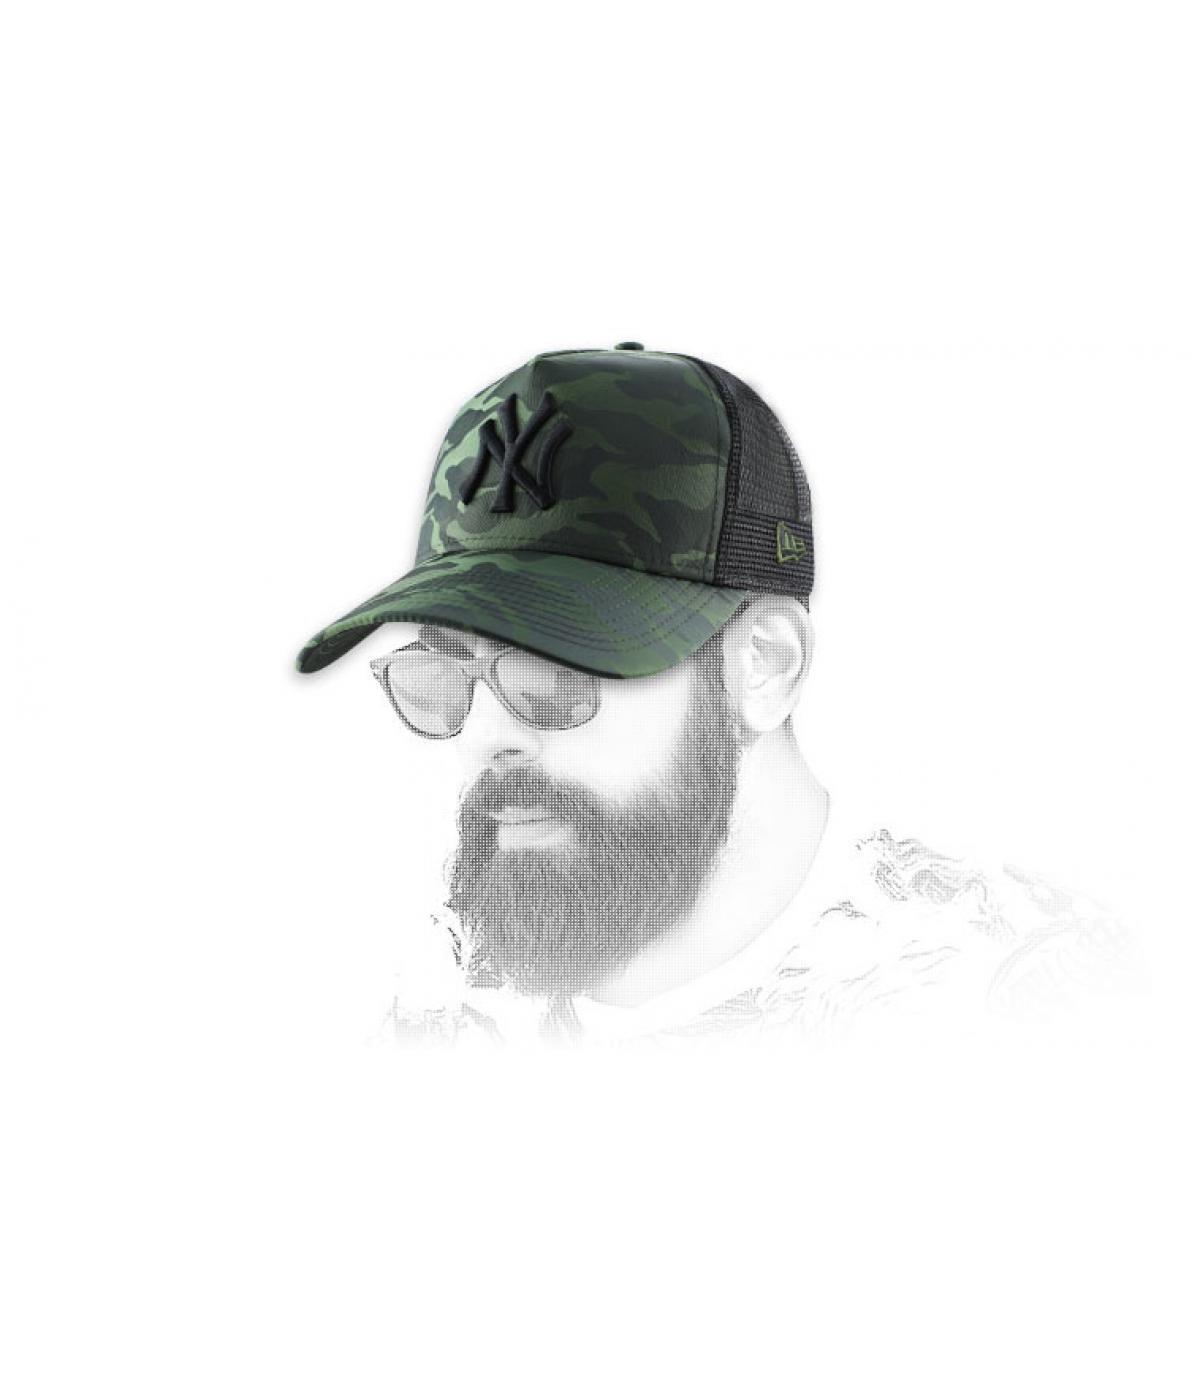 Camo trucker cap from the NY Yankees.